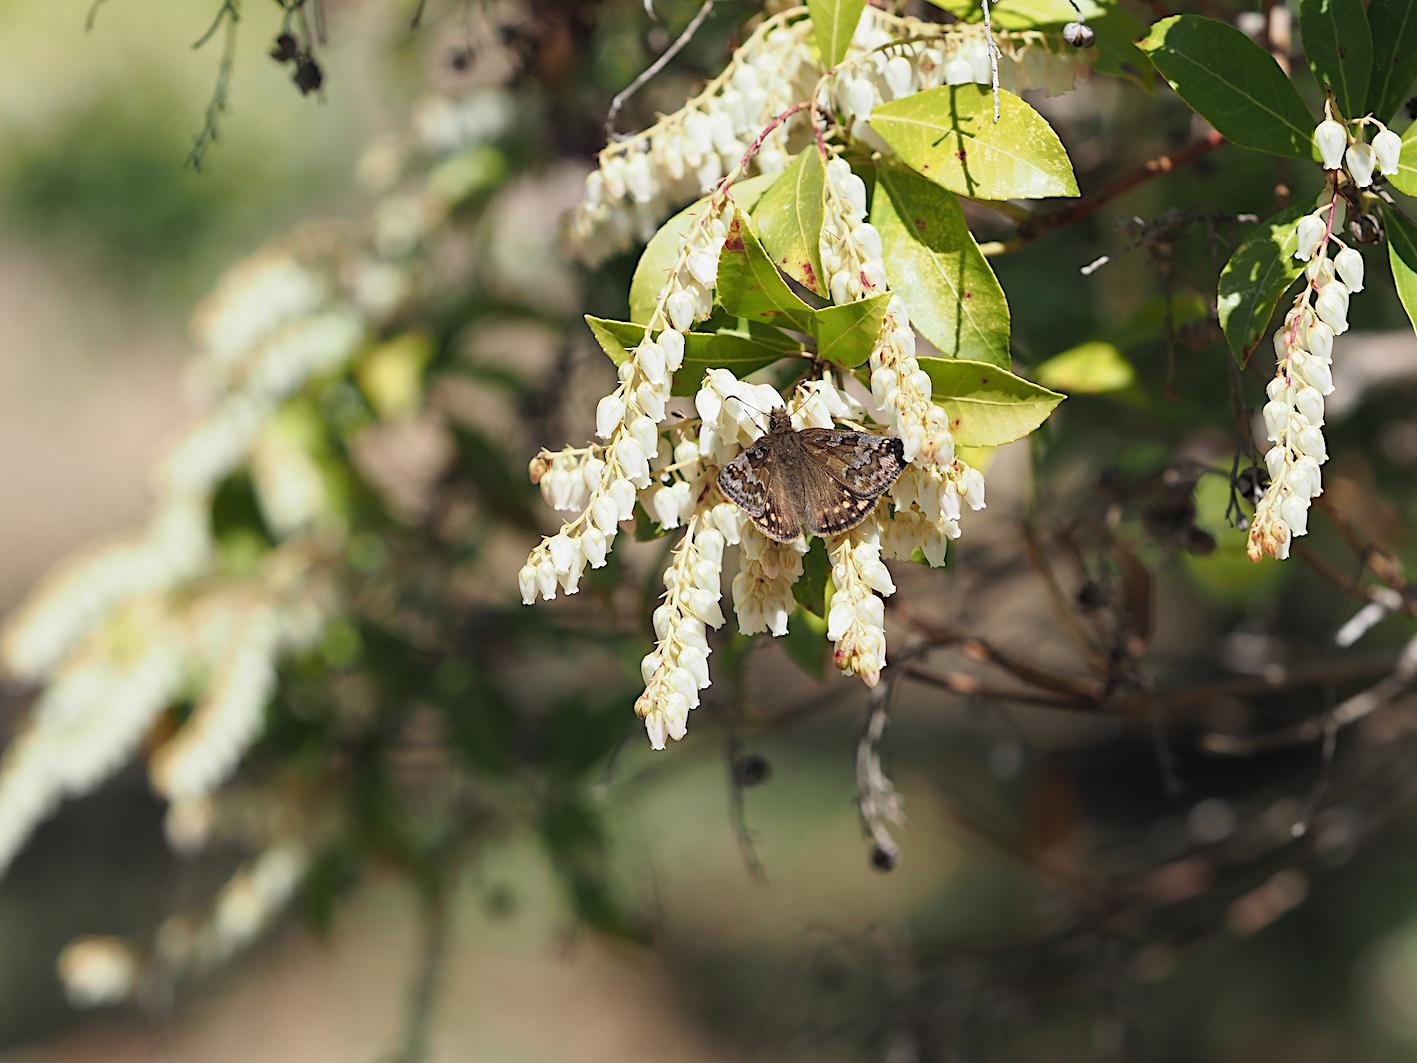 アセビにくる蝶たち、ミヤマセセリ(2019年3月26日)_d0303129_1504072.jpg